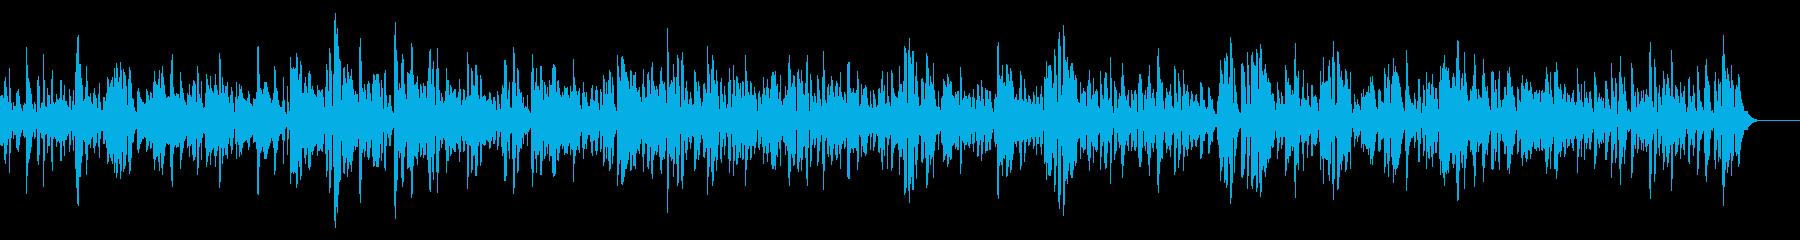 PfとTbの大人なスウィングジャズの再生済みの波形